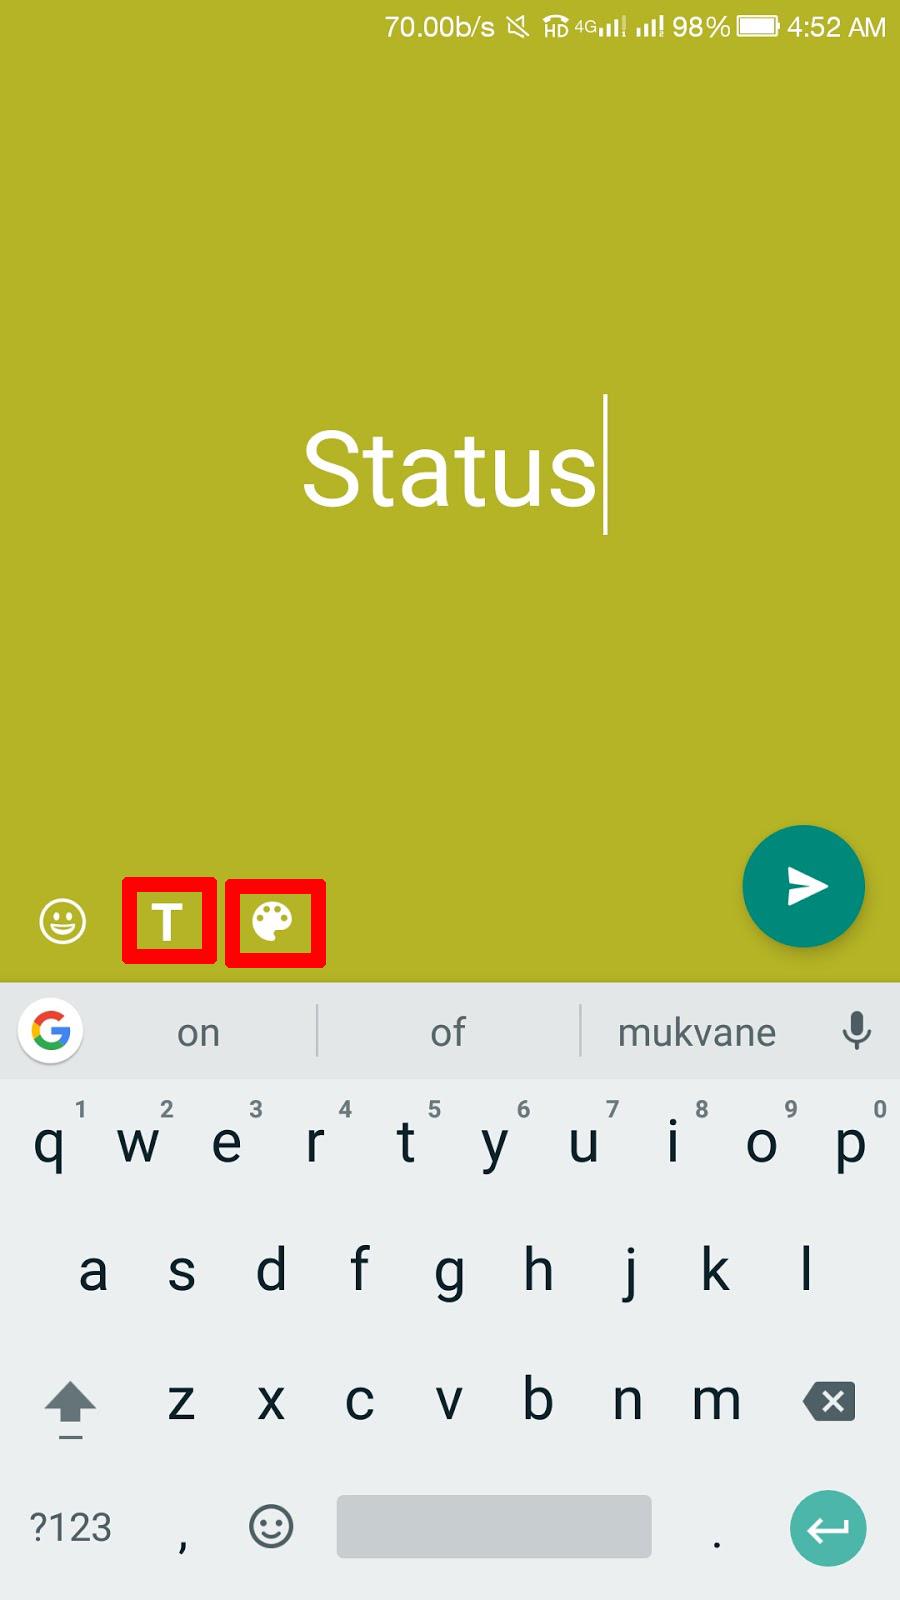 image de Top 10 des trucs et astuces à connaître pour votre statut WhatsApp 3